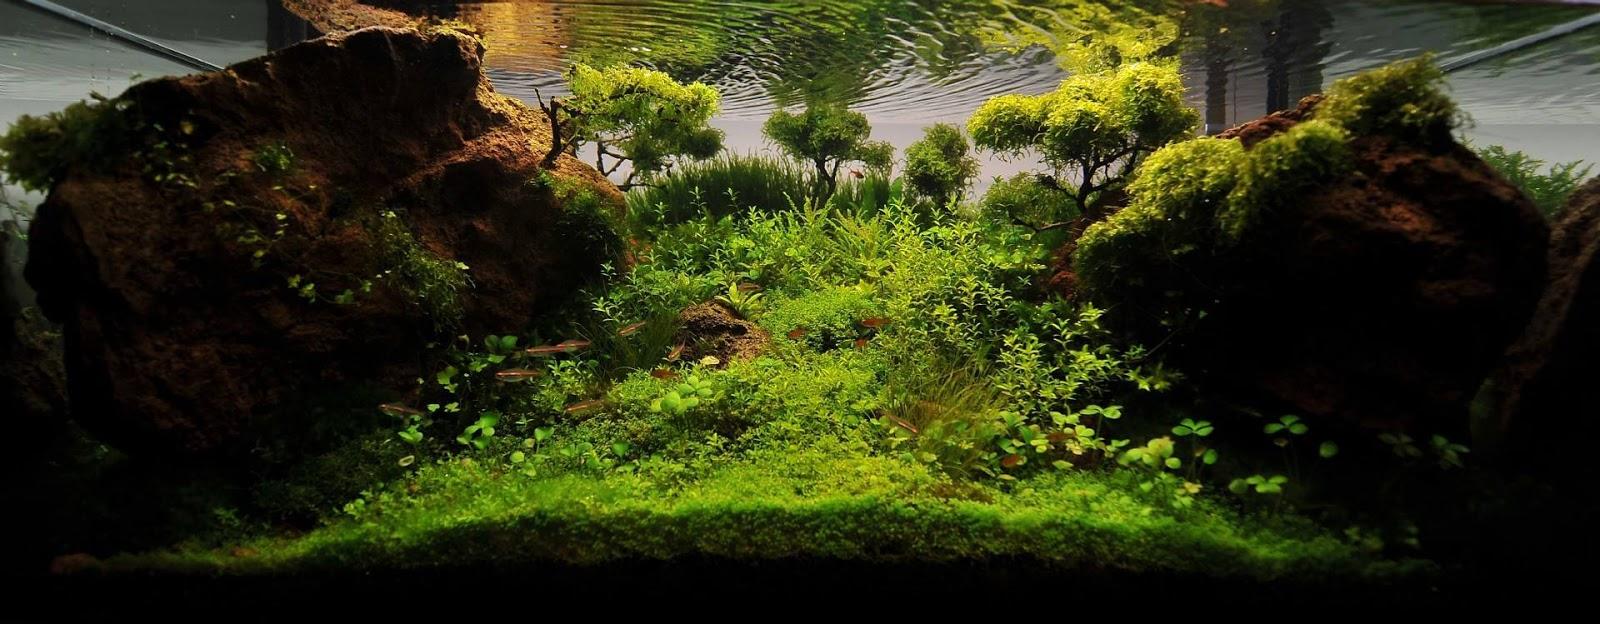 Một hồ thủy sinh hoàn chỉnh có cây cỏ bợ 4 lá